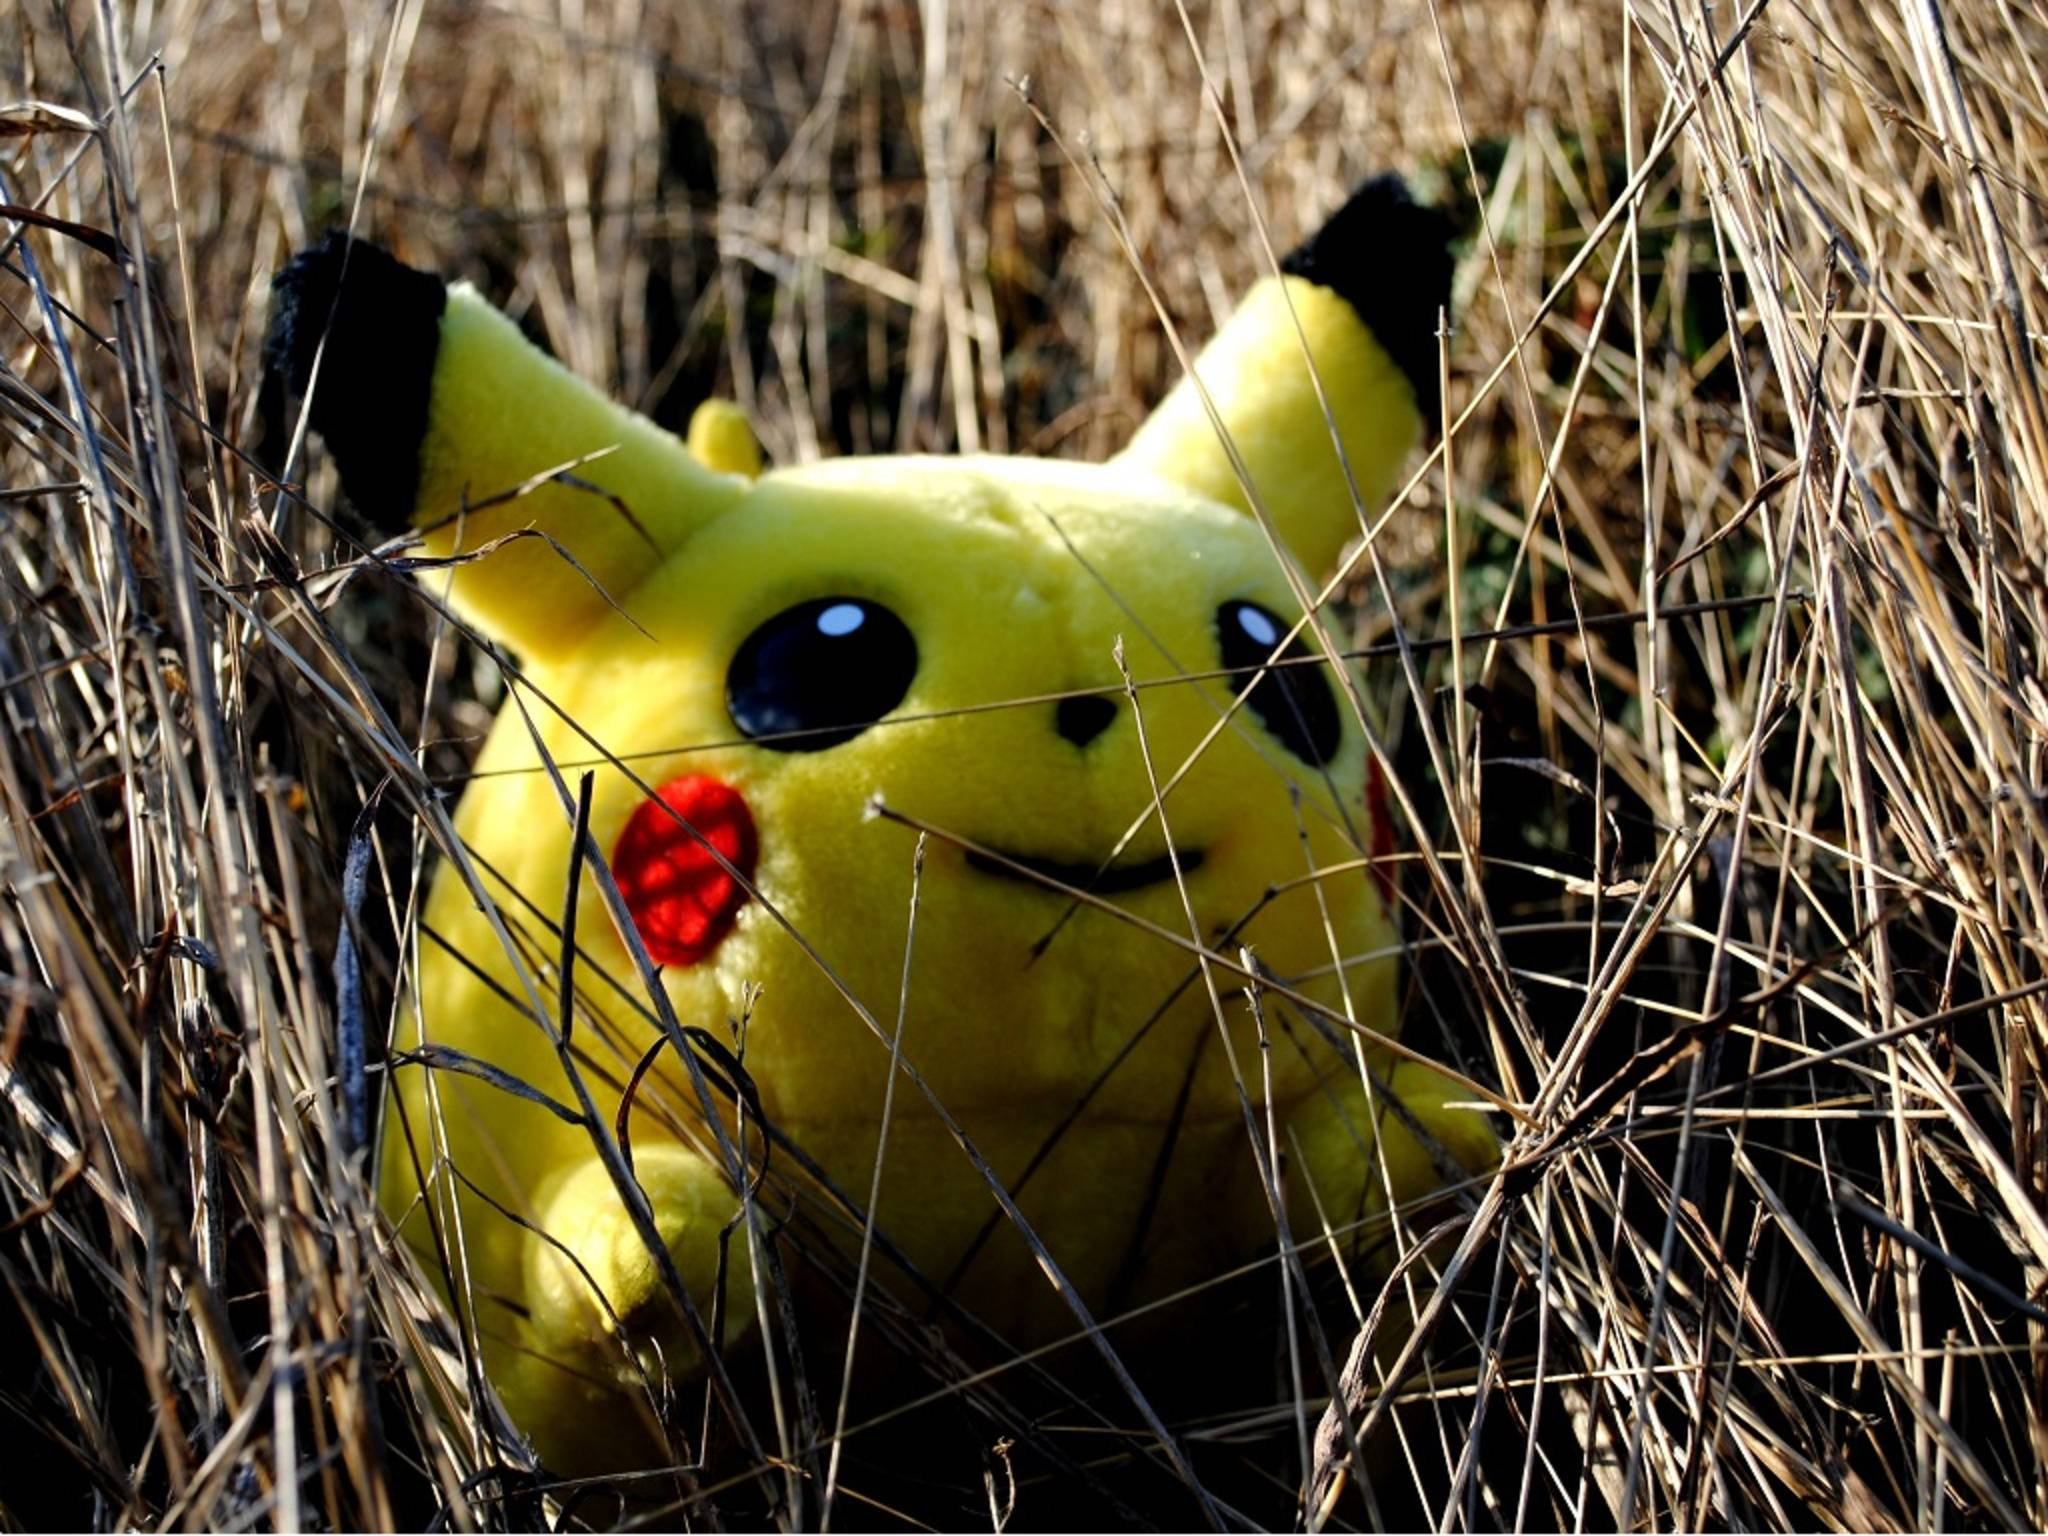 Die Pokémon verhelfen Nintendo zu einem ungeahnten Höhenflug.